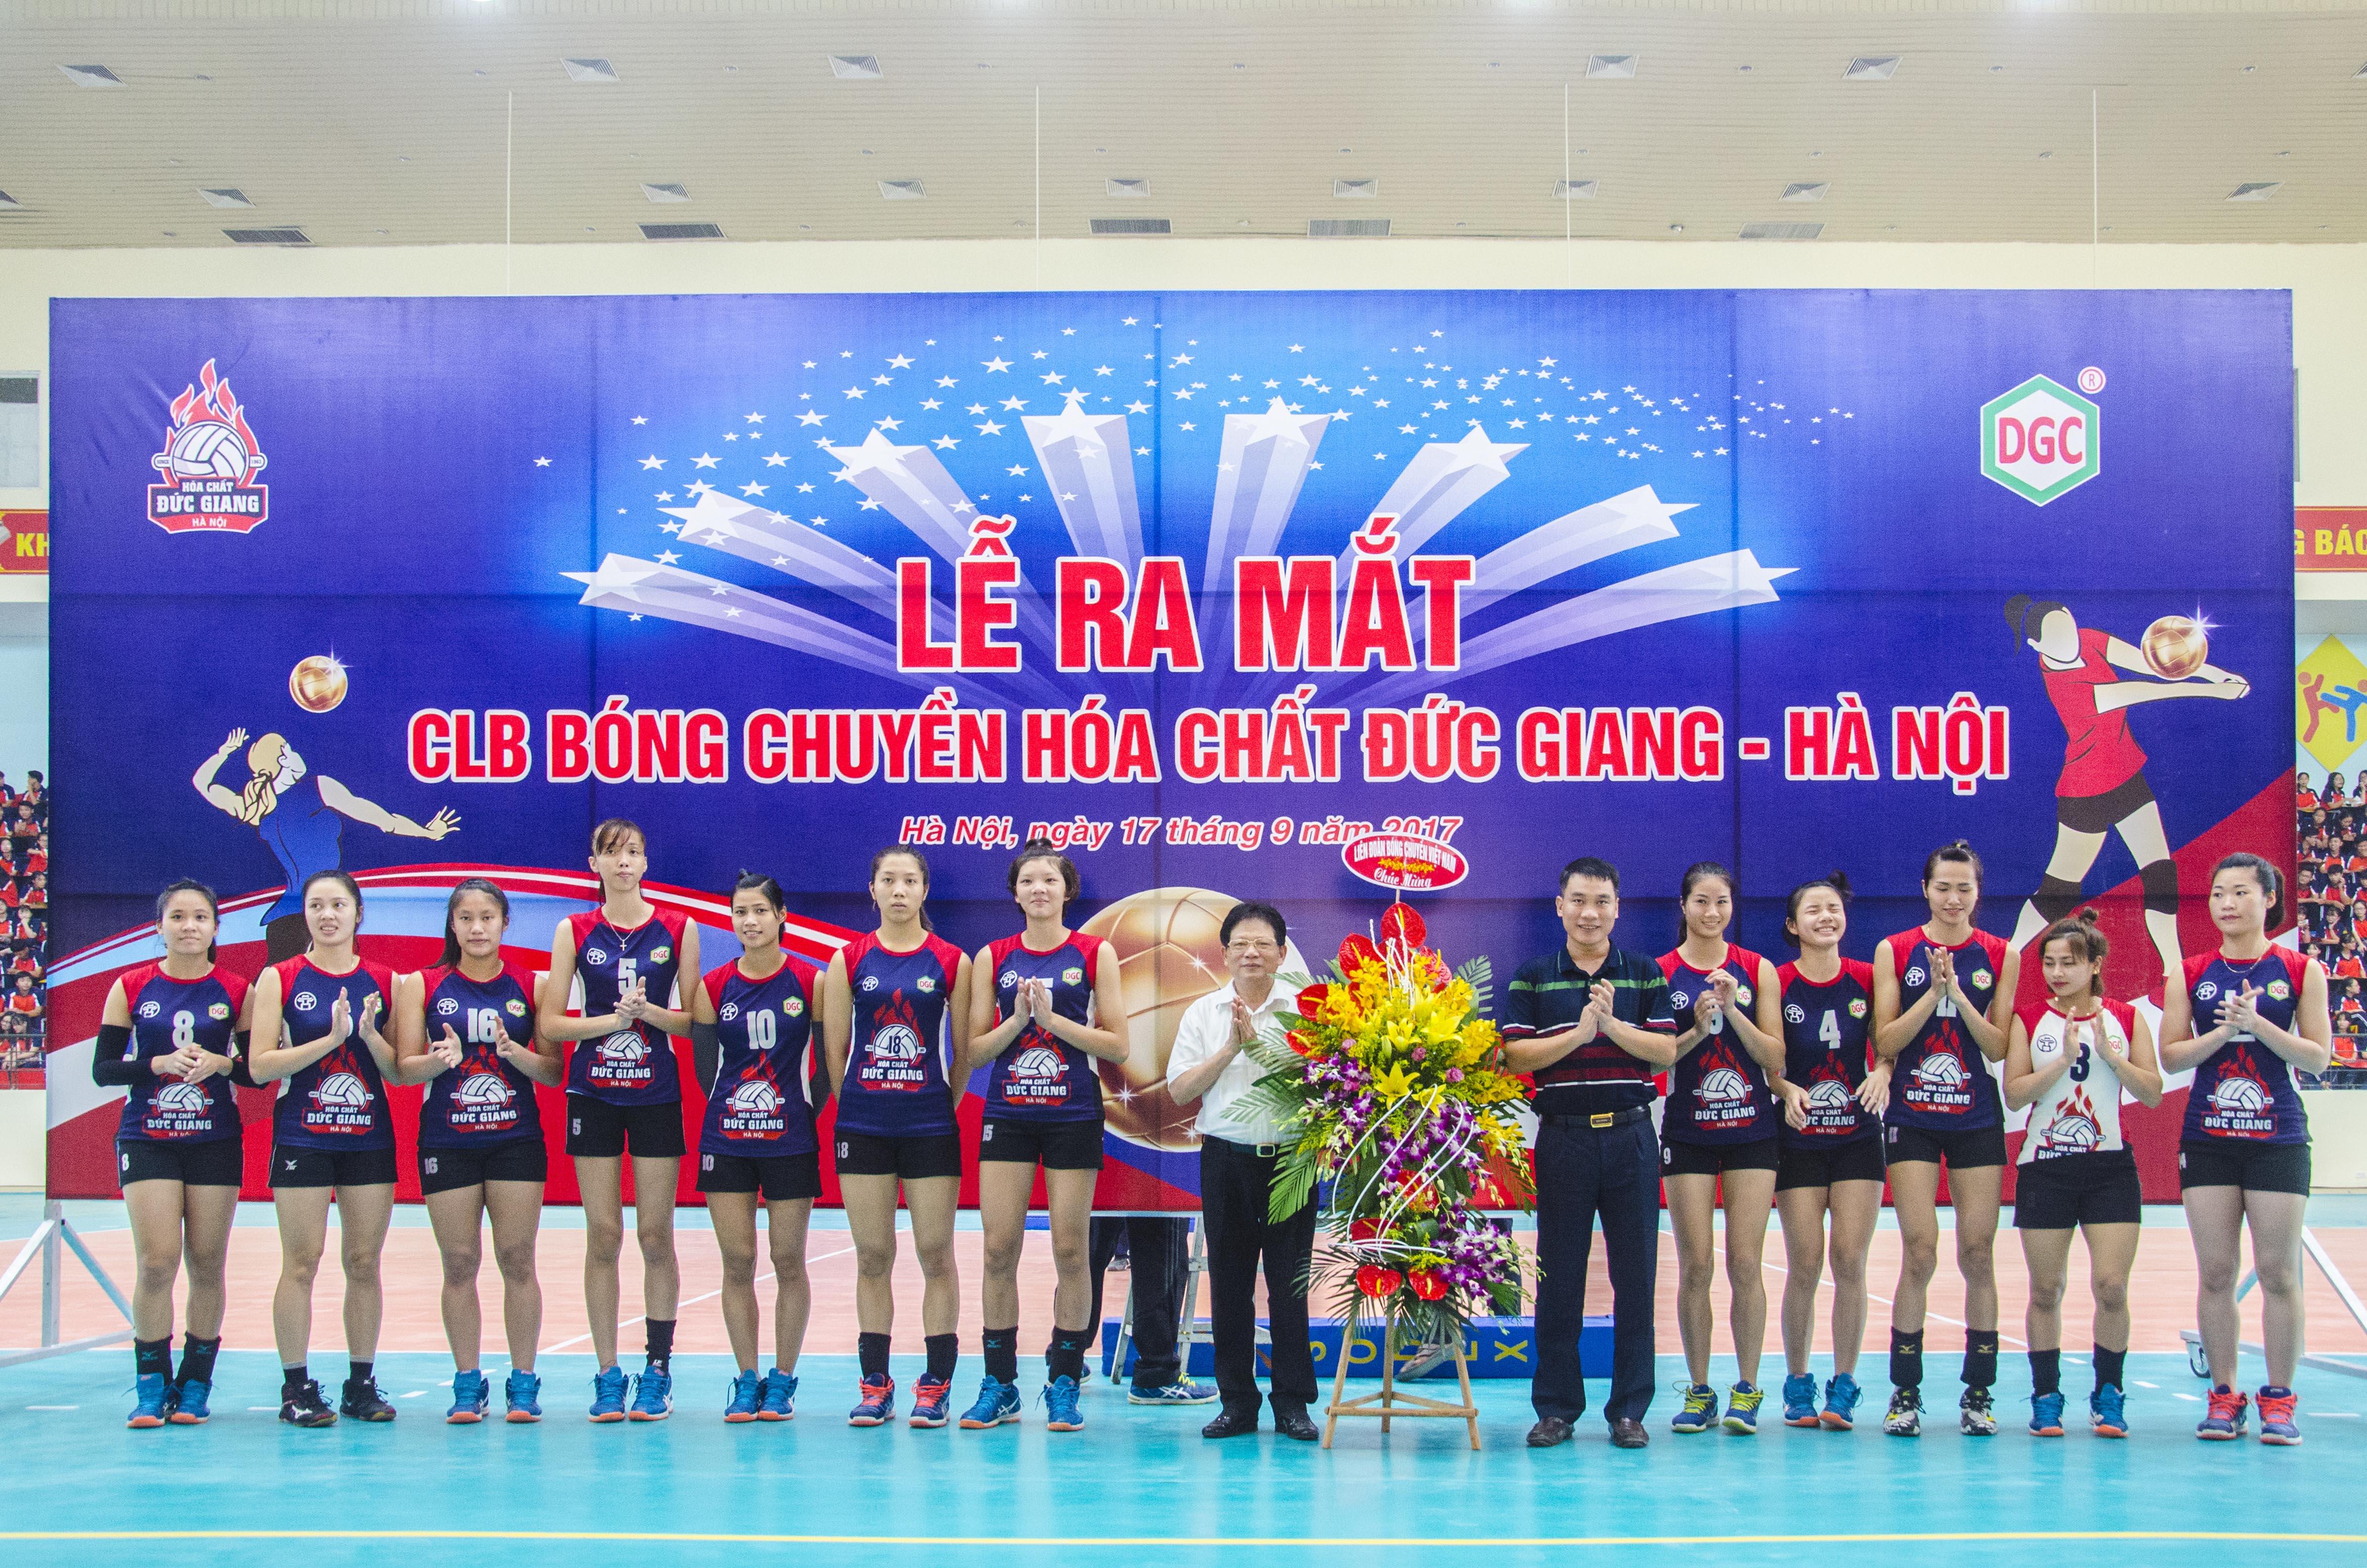 Lễ Ra Mắt Đội Bóng Chuyền Hóa Chất Đức Giang – Hà Nội